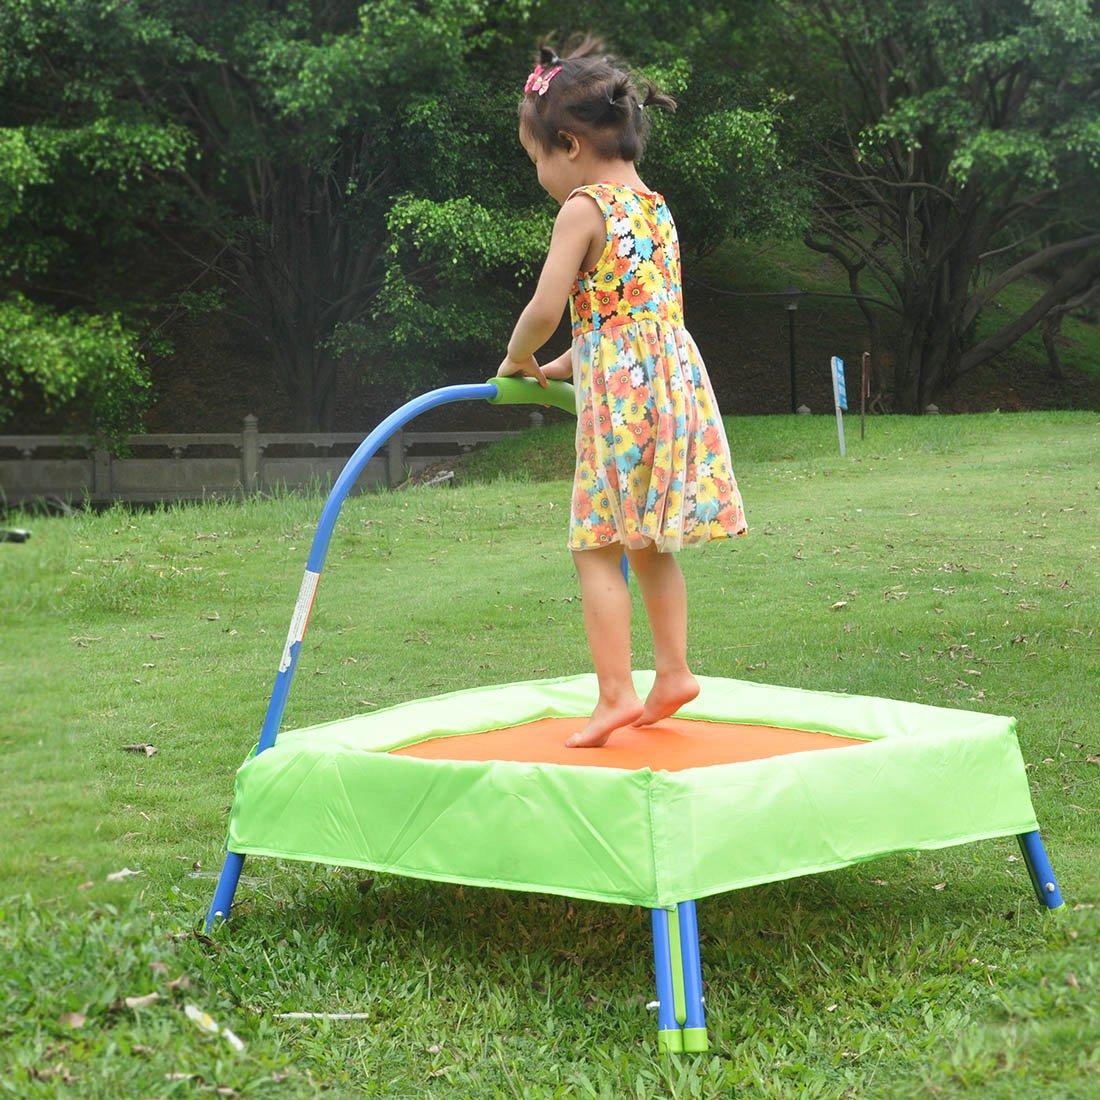 best-toddler-trampoline-2019